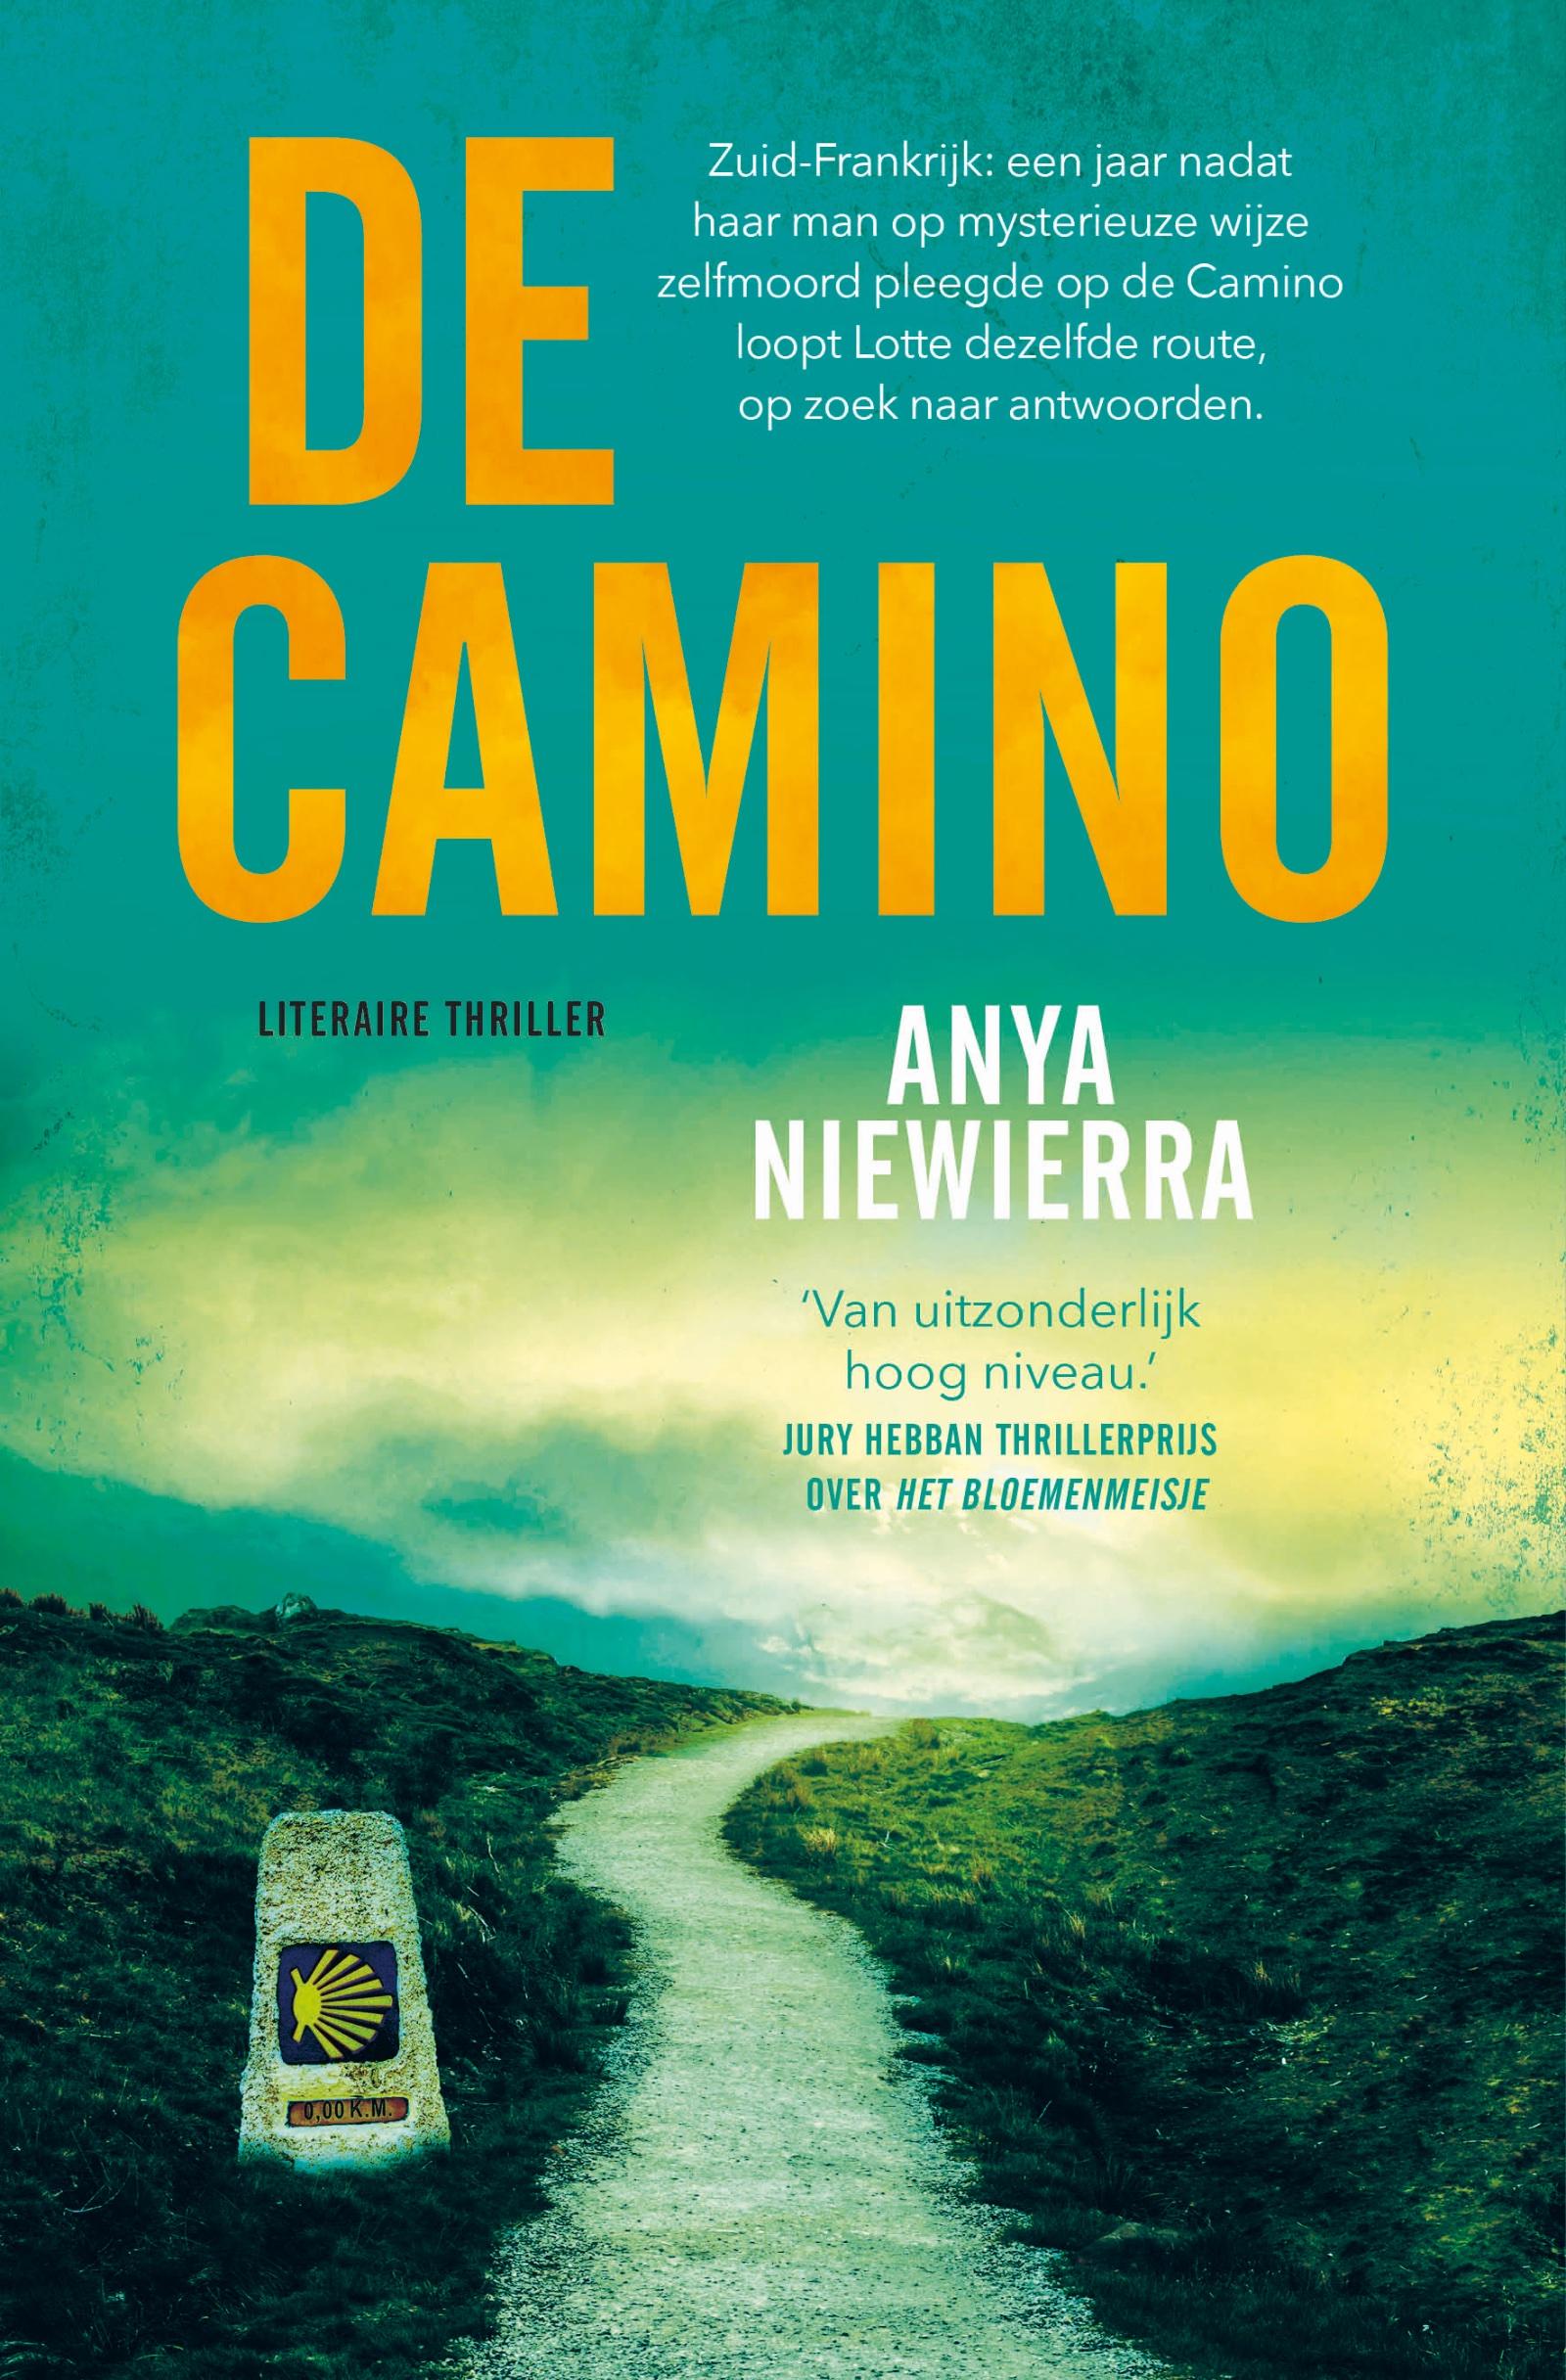 De Camino - boekenflits